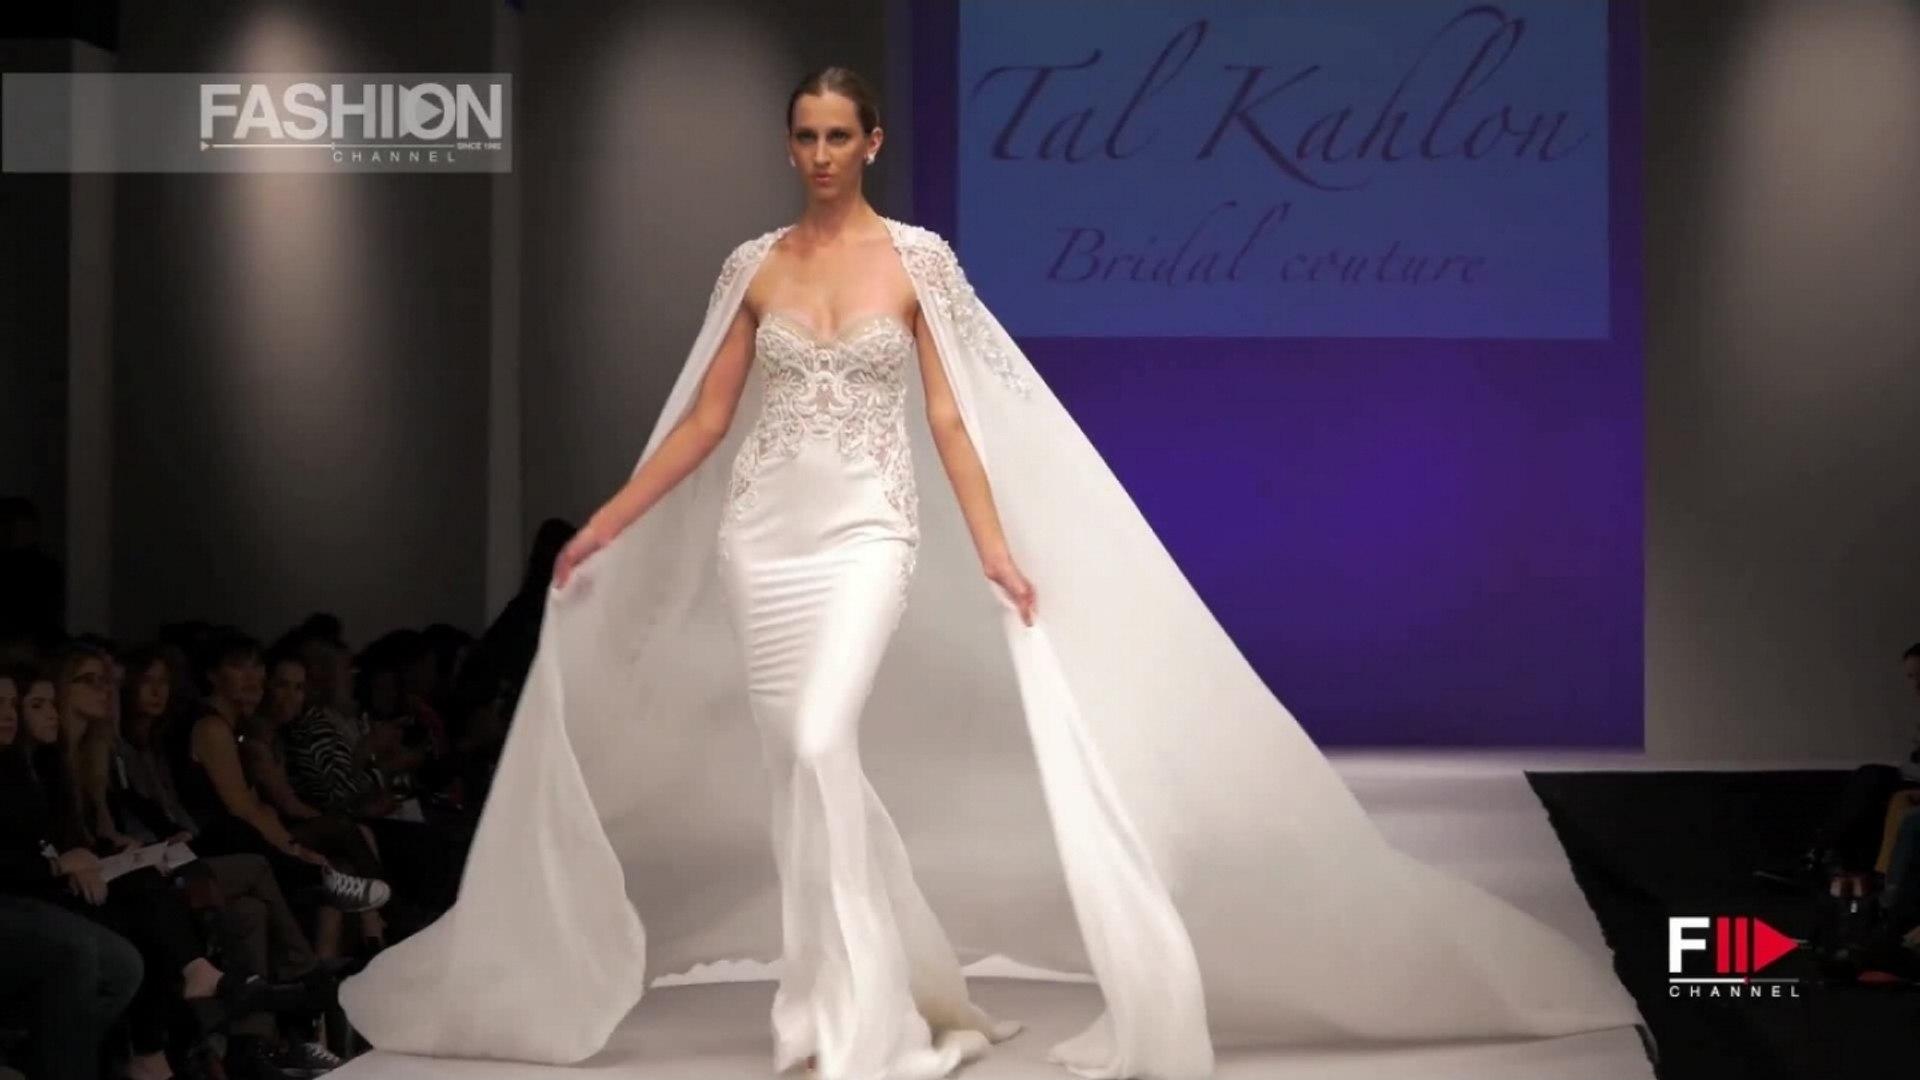 Israel Bridal Fashion 2016 by Fashion Channel